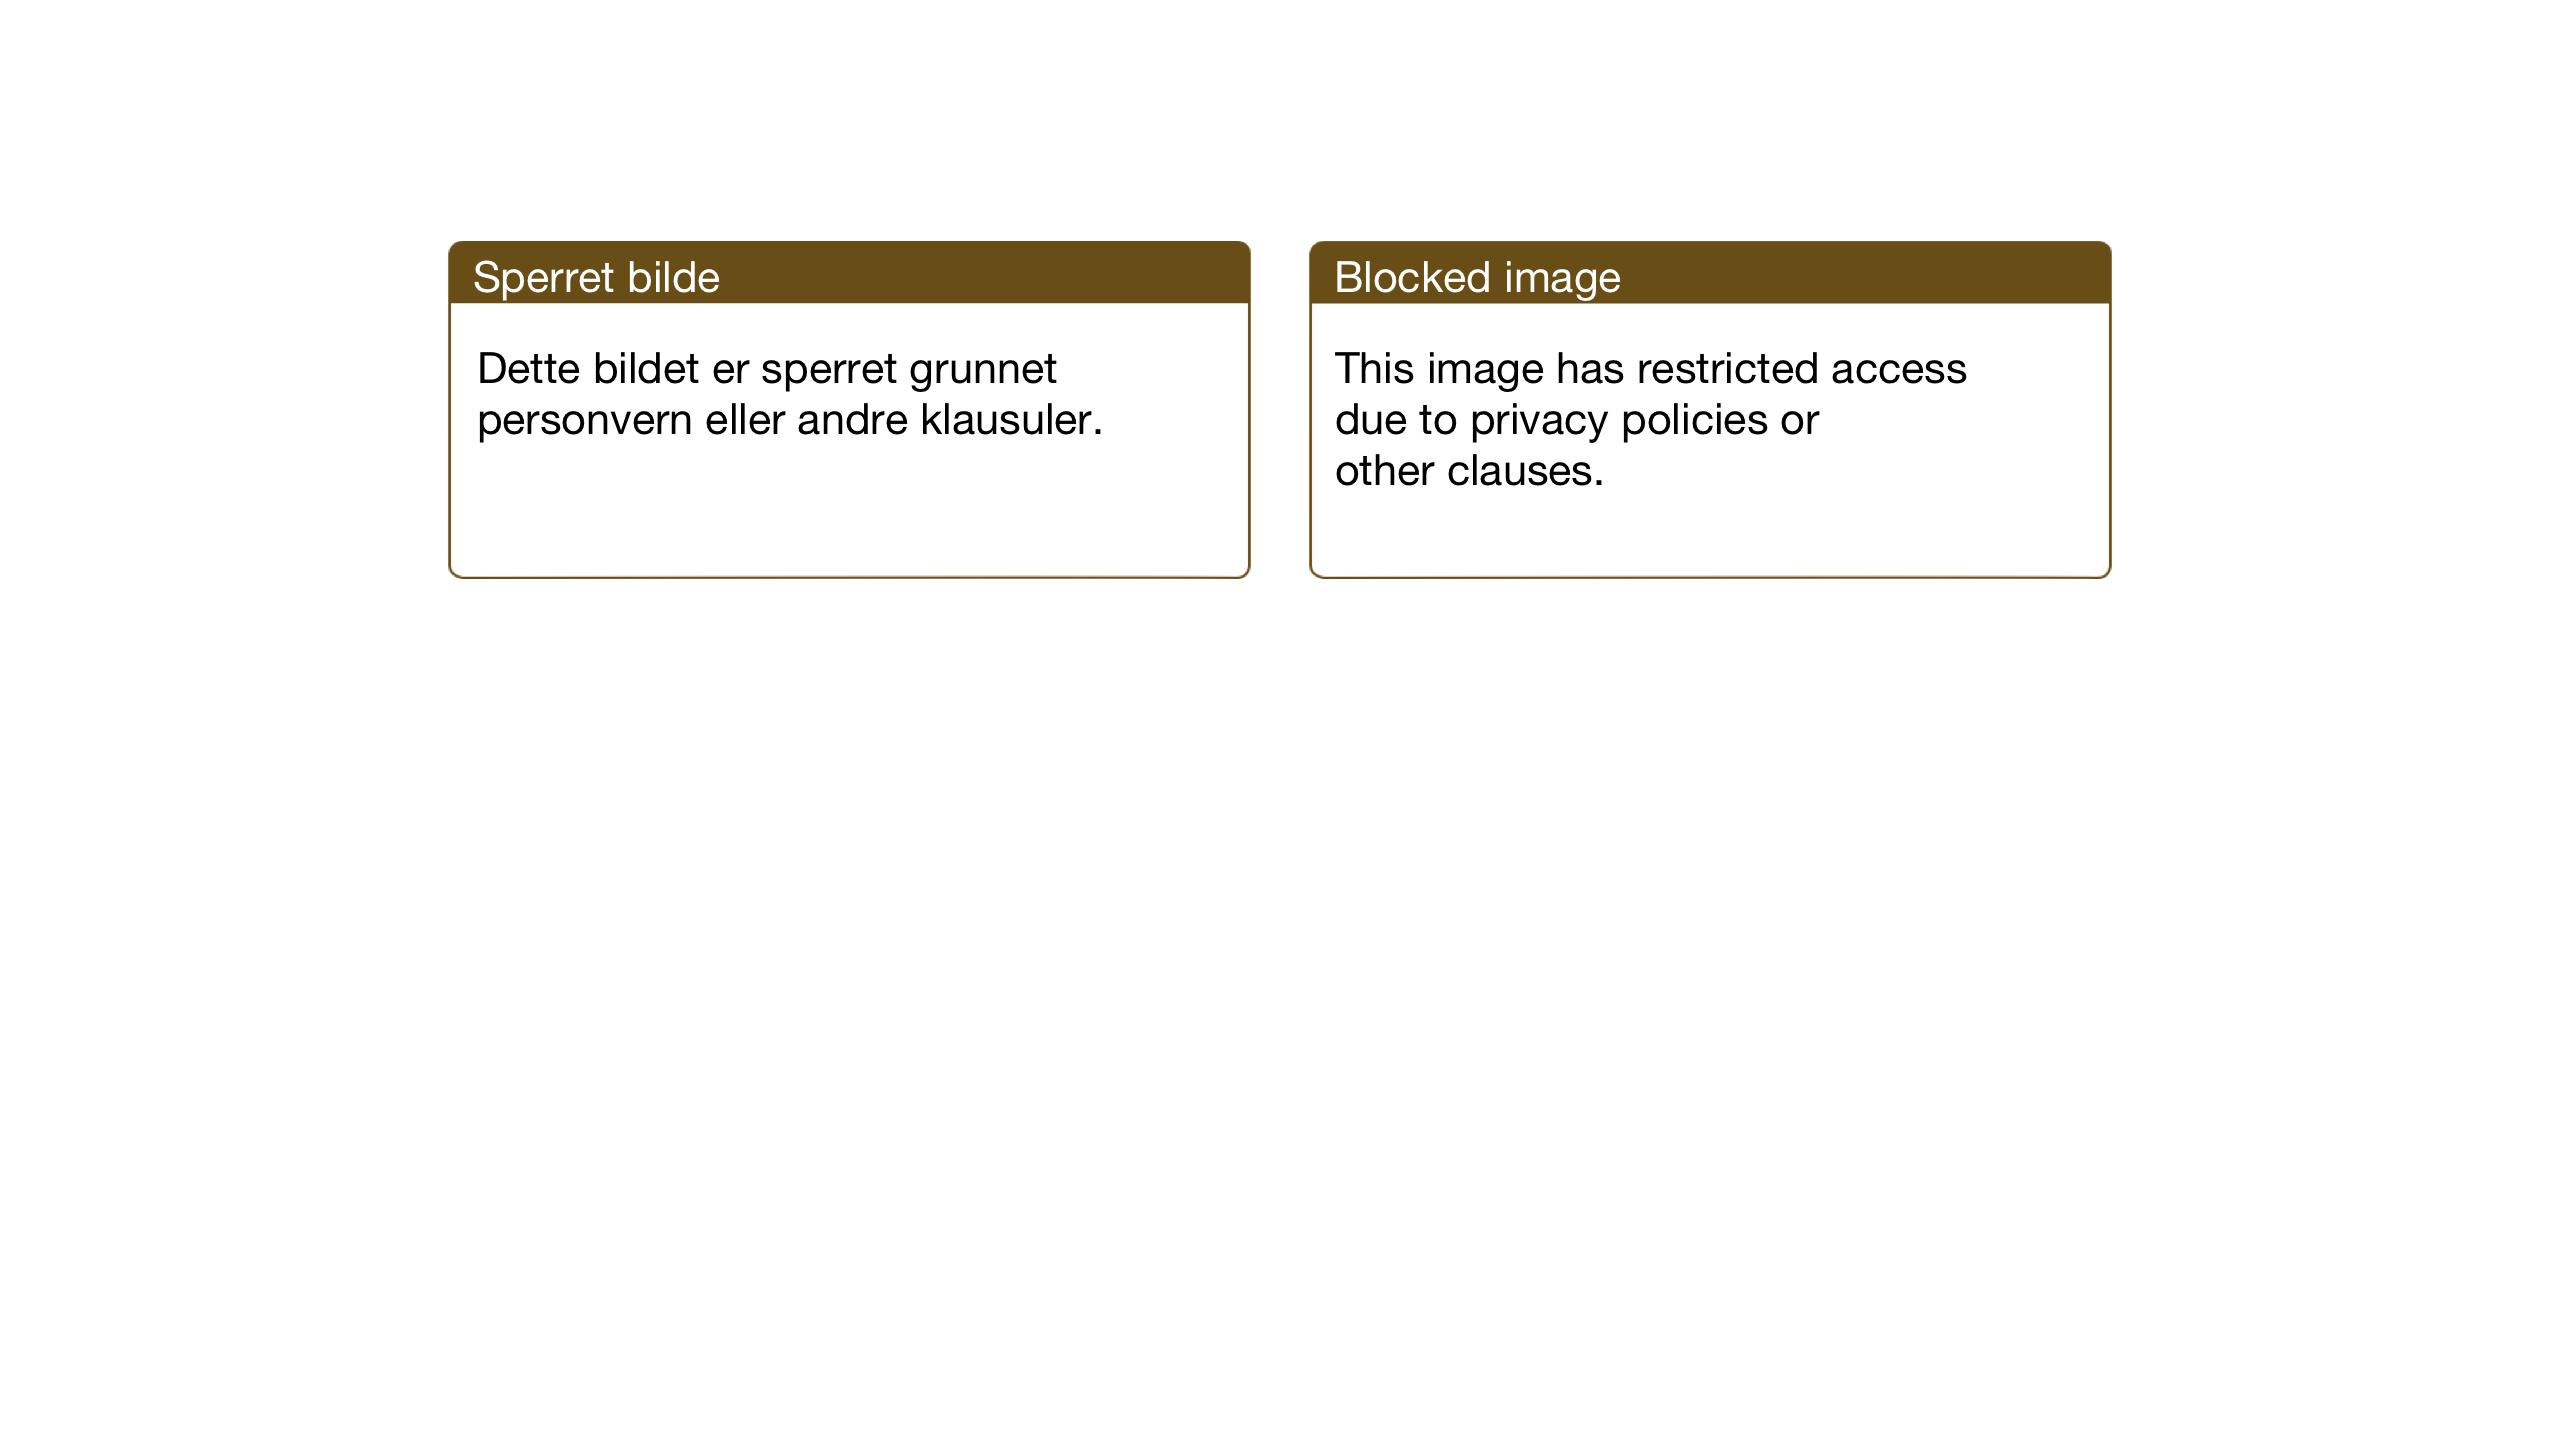 SAT, Ministerialprotokoller, klokkerbøker og fødselsregistre - Sør-Trøndelag, 637/L0564: Klokkerbok nr. 637C05, 1928-1968, s. 6